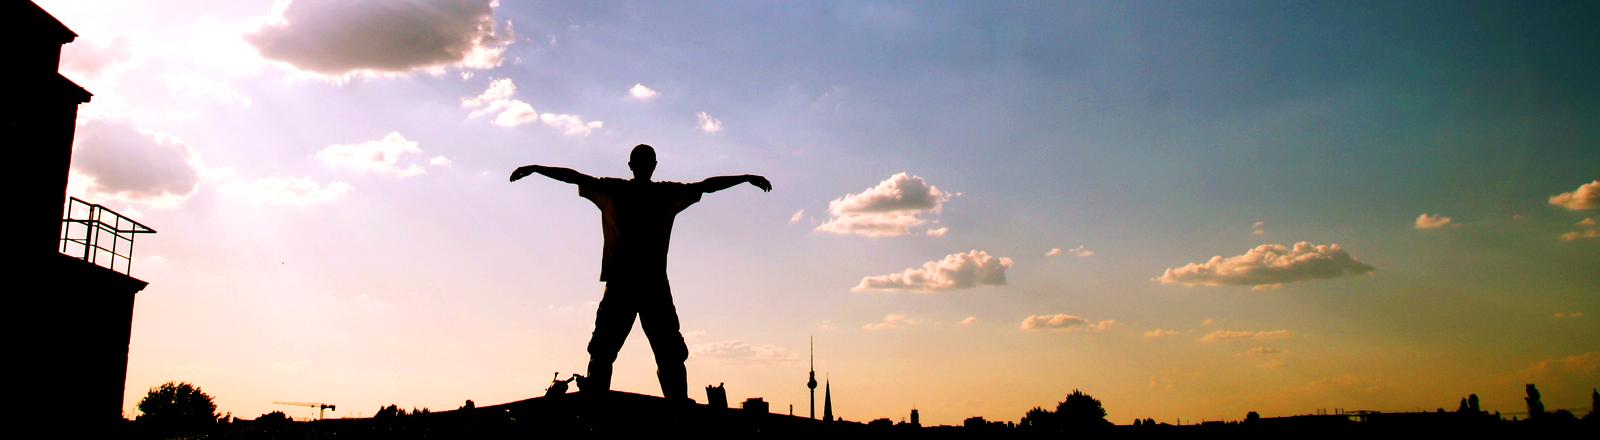 Ein Mann hat beide Arme ausgebreitet, hinter ihm ein Stadtpanorama